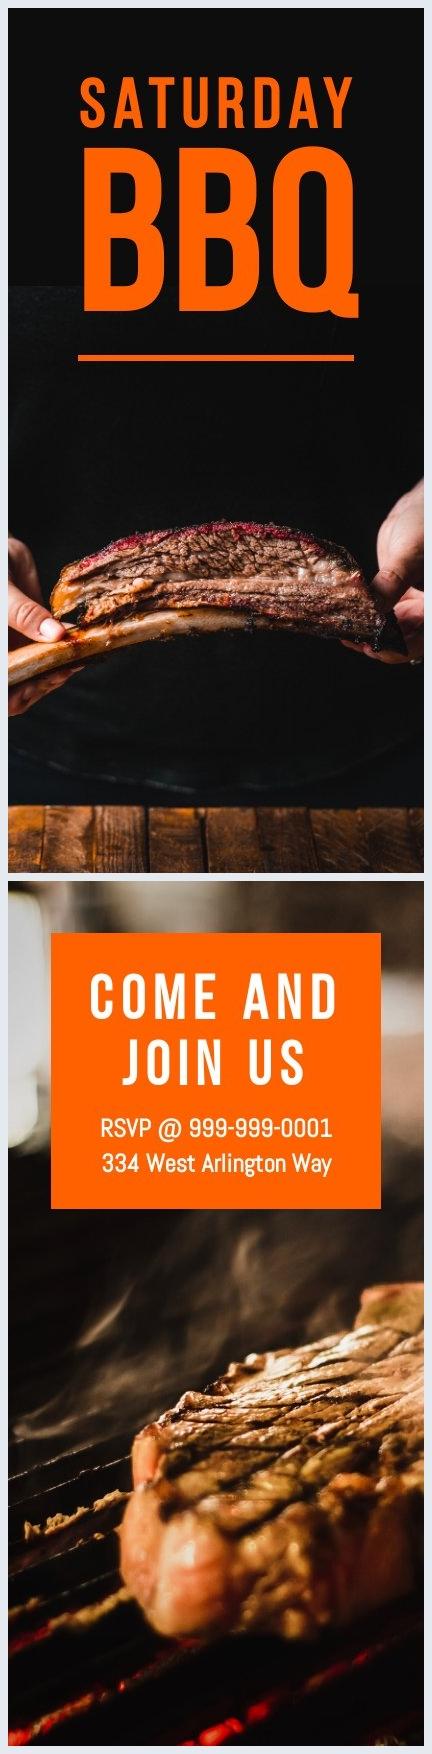 Editierbare Samstags-BBQ-Flyer-Vorlage